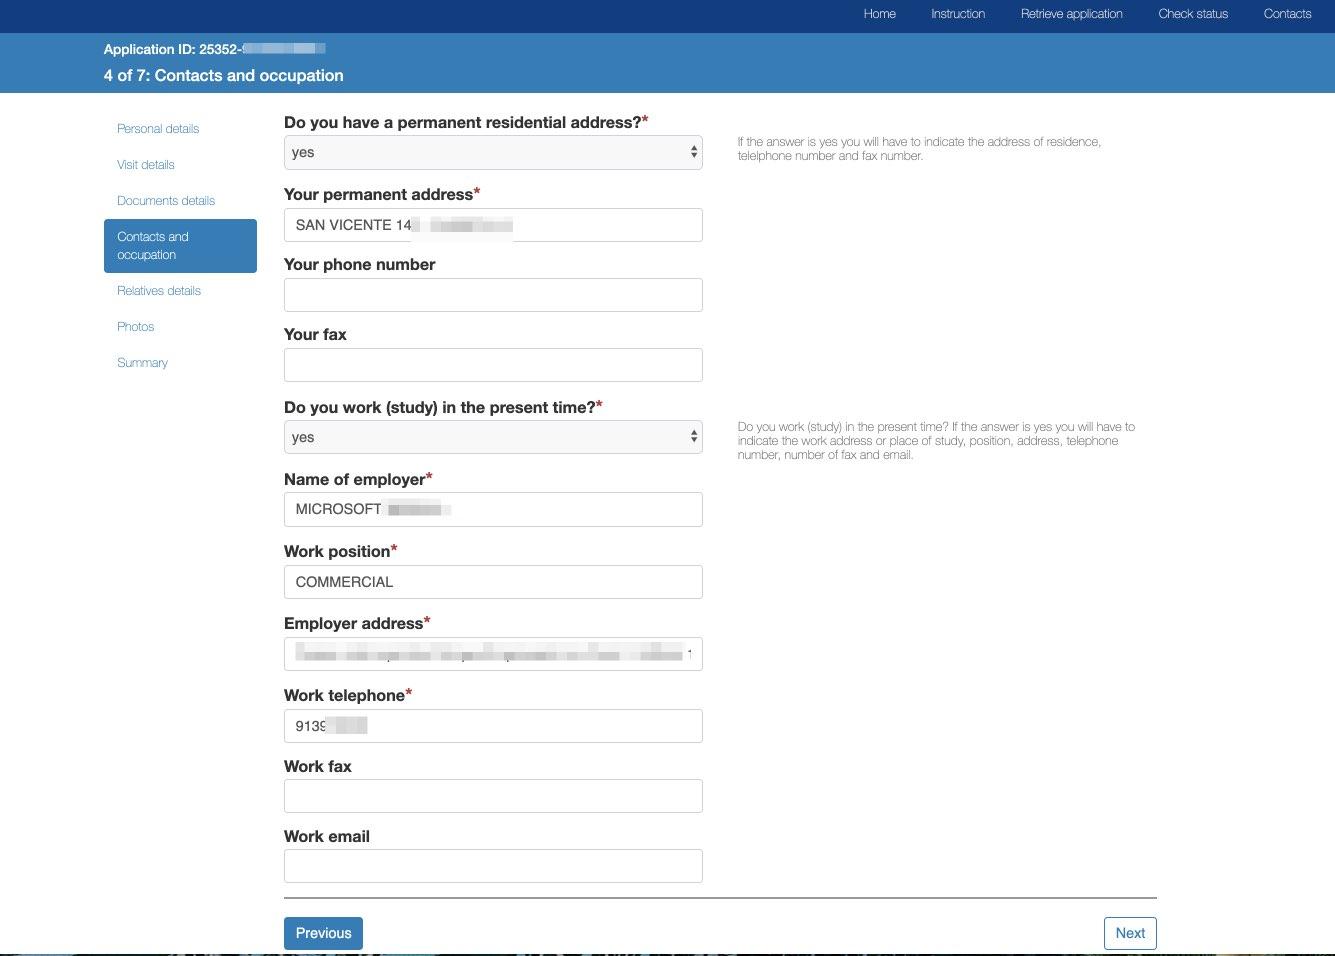 Aanvraag voor e-visum om naar Rusland te reizen - Consulaire afdeling van het ministerie van Buitenlandse Zaken van de Russische Federatie 9